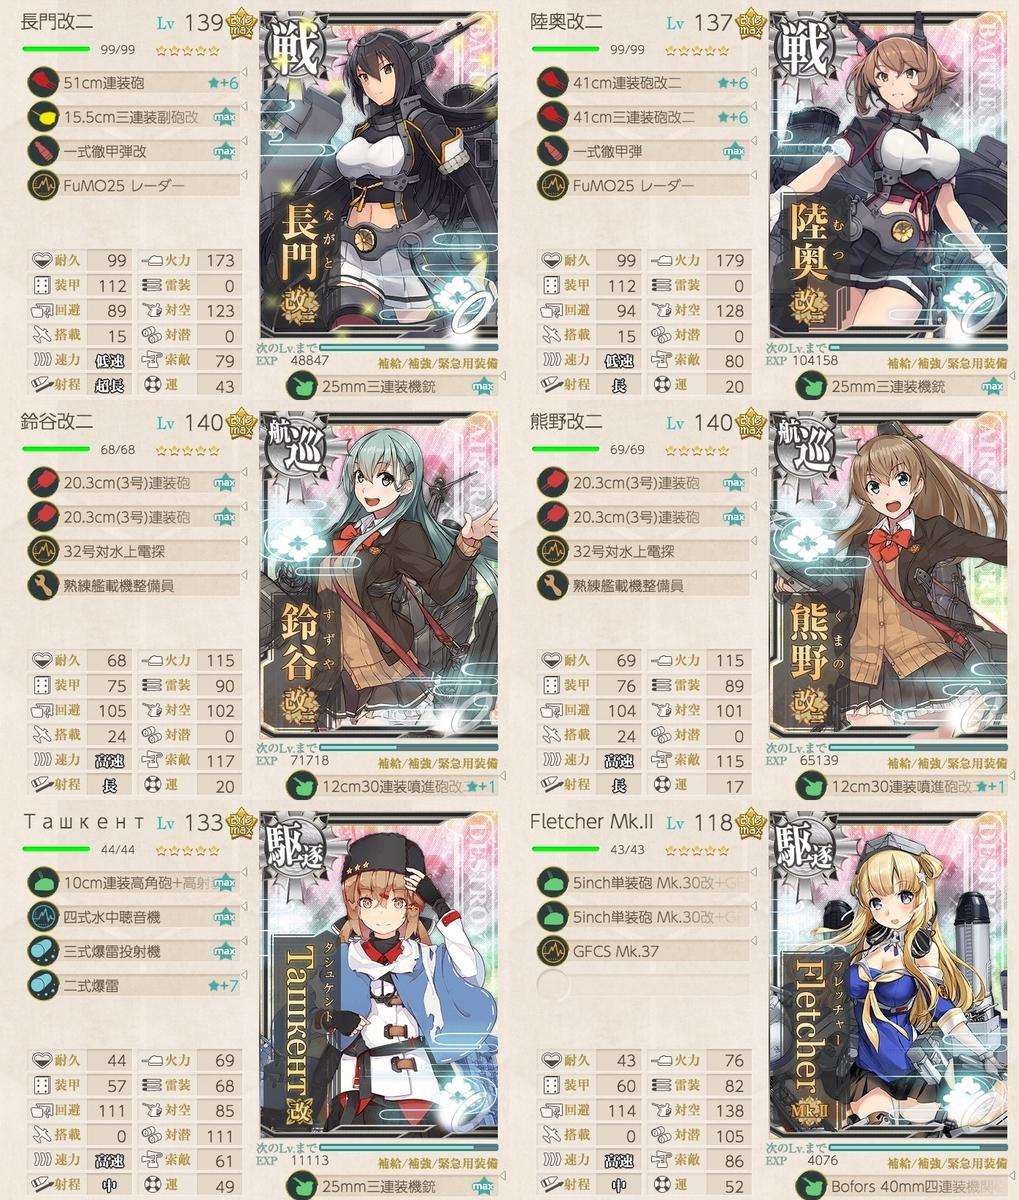 f:id:nameless_admiral:20210124024902j:plain